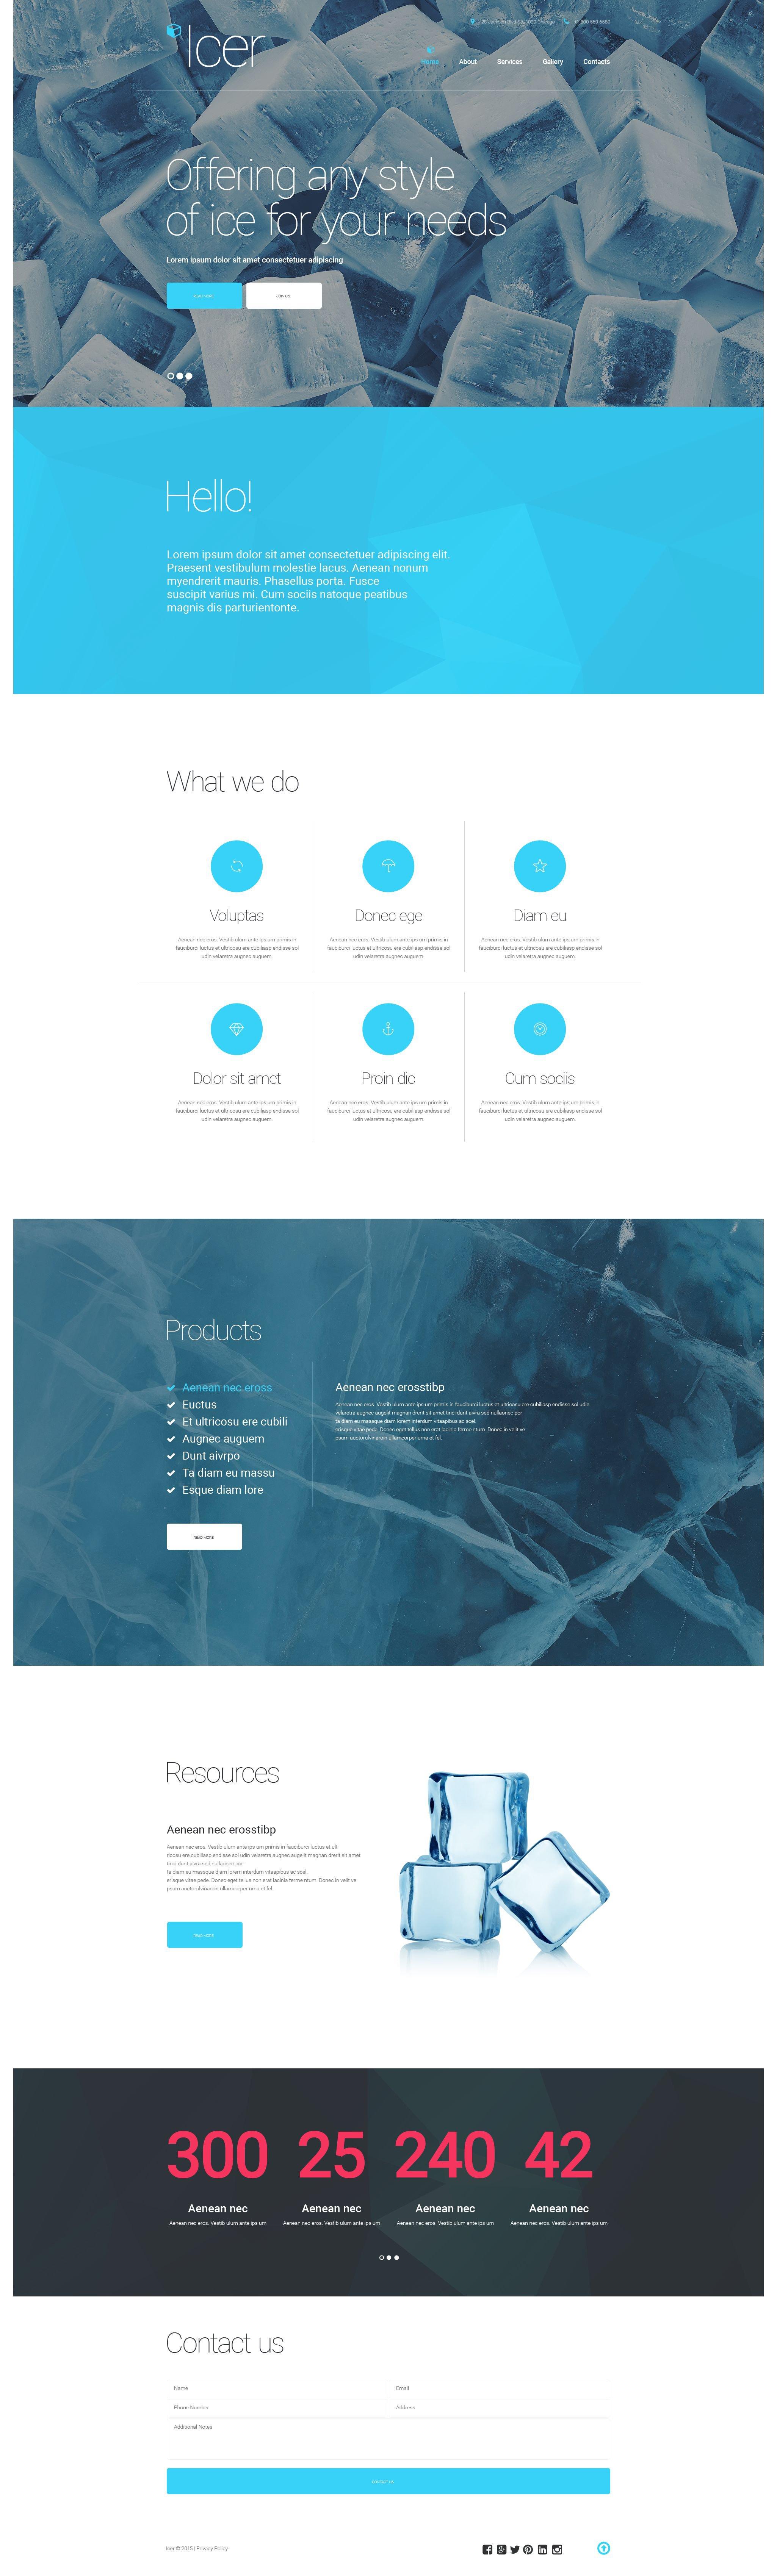 响应式网页模板 #55069 - 截图